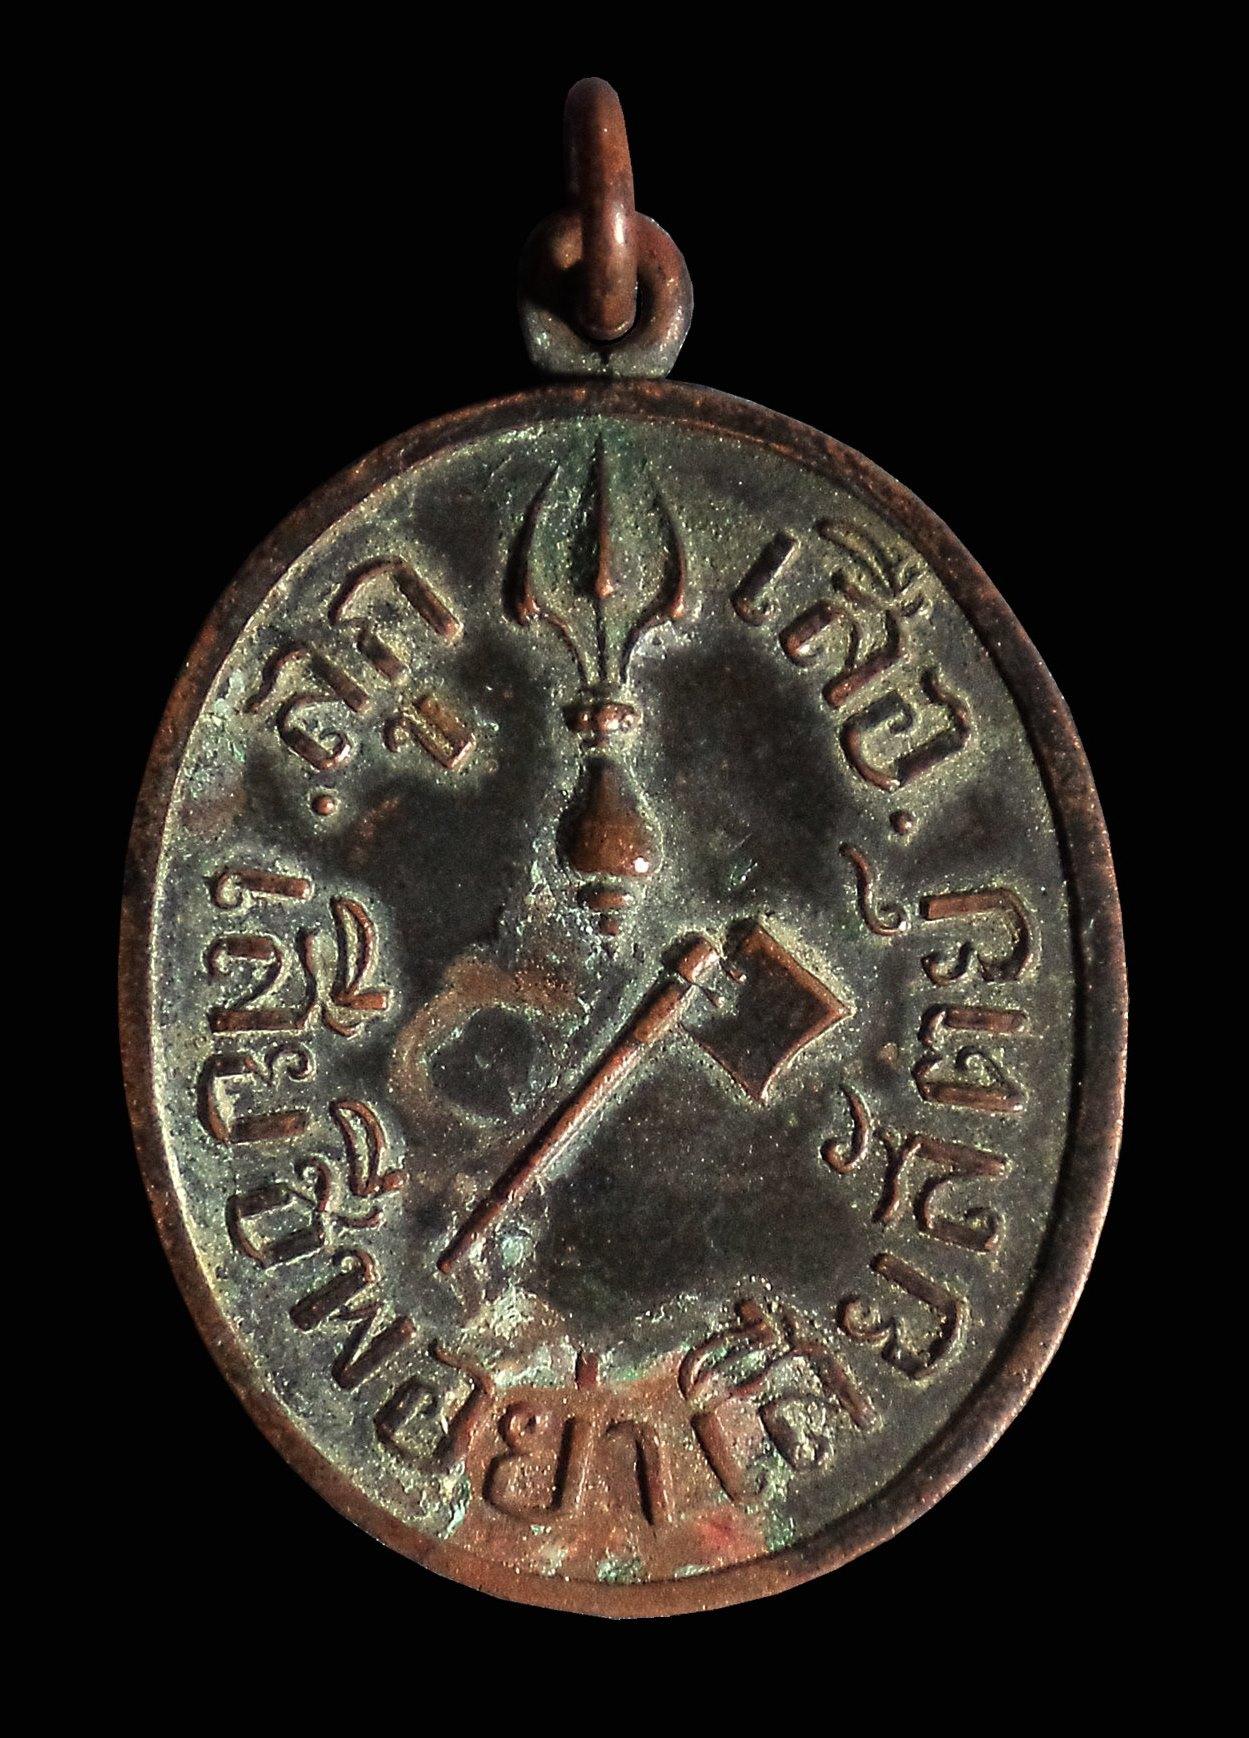 เหรียญศิลป์ลูกเสือ(ทําสวน) สำหรับพระราชทานลูกเสือที่สำเร็จวิชาชีพทําสวน ในสมัยสมเด็จพระปกเกล้าเจ้าอยู่หัว (ร.7) ขอบข้างกระบอก หูเชื่อม